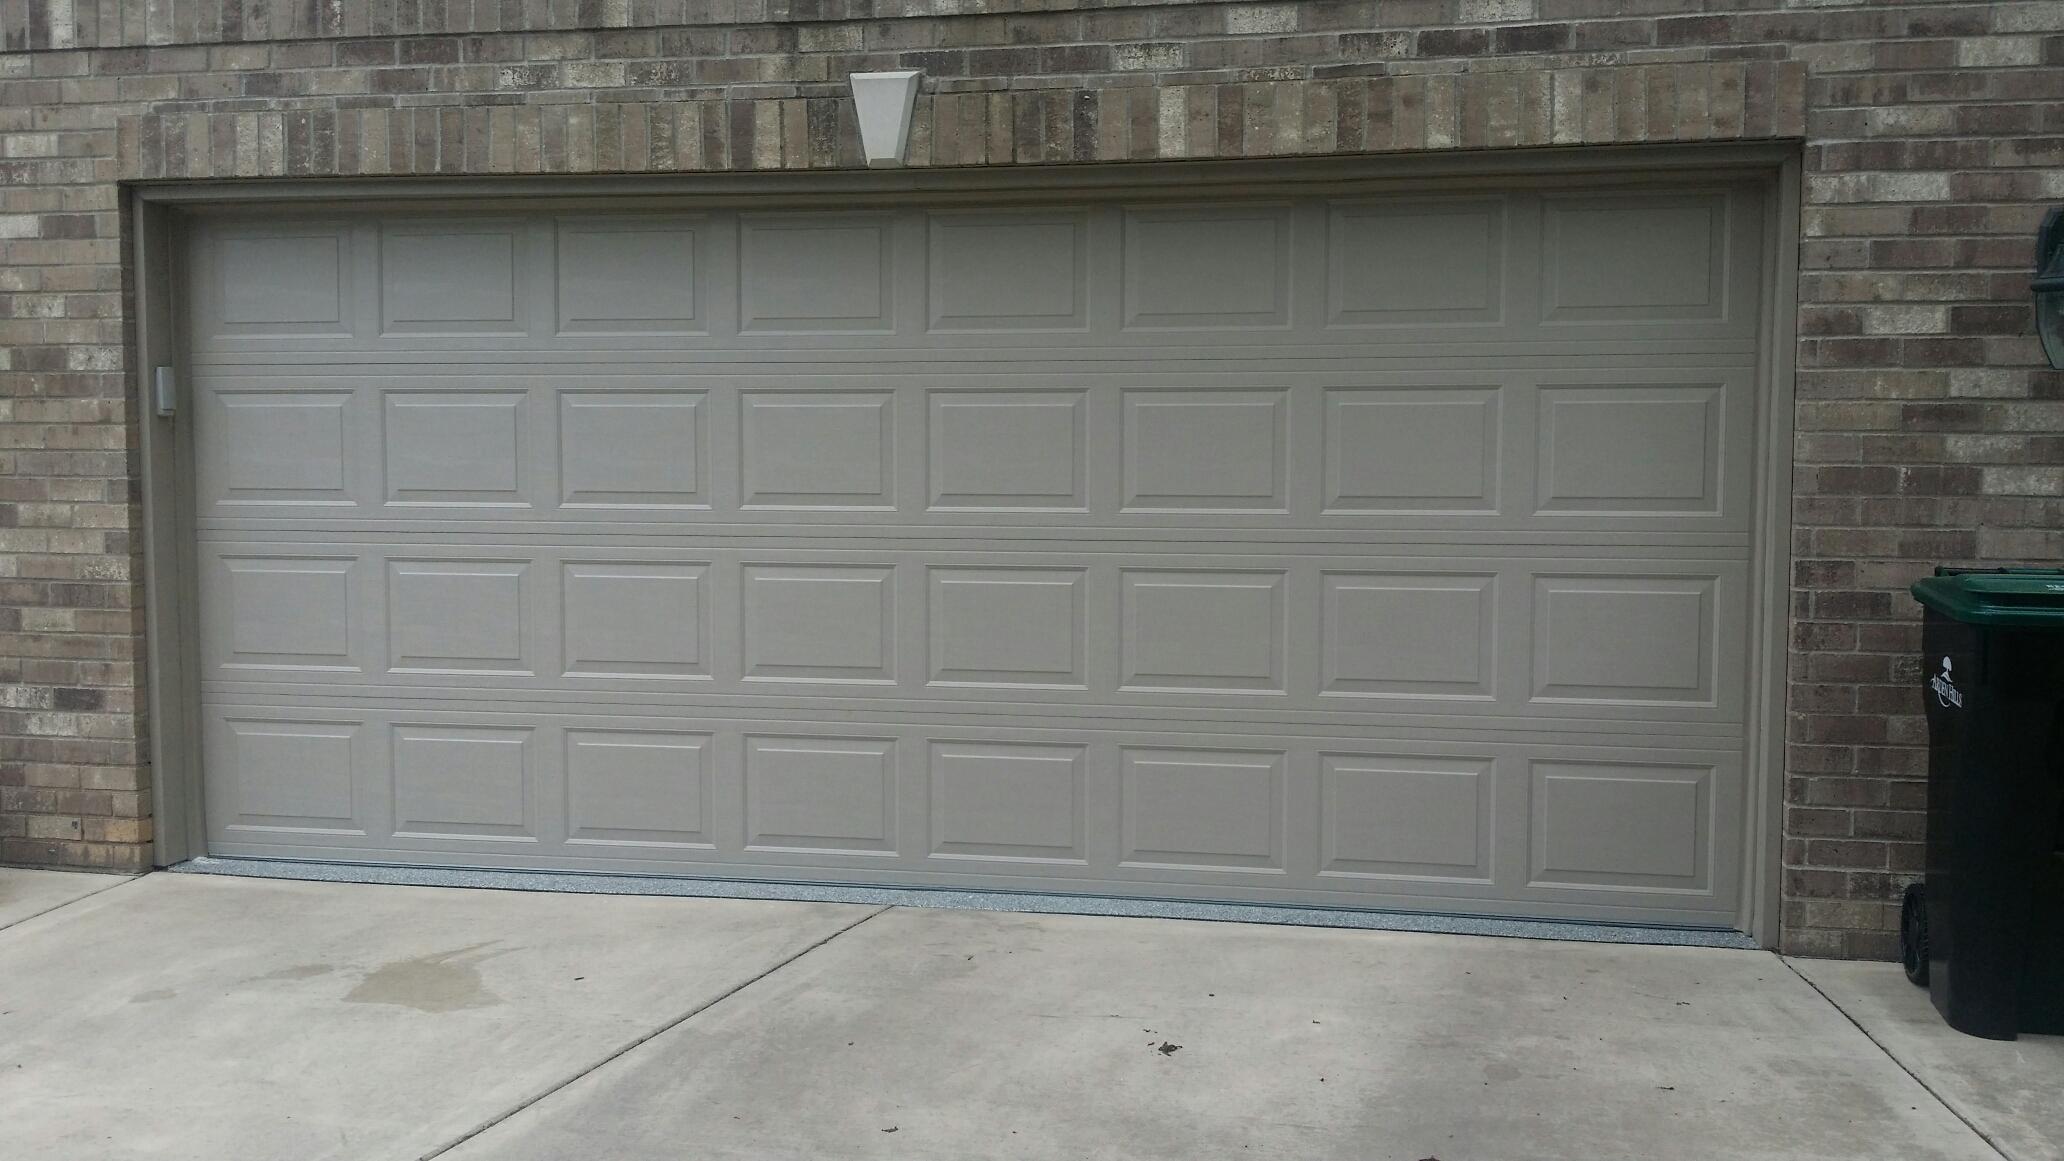 524 Garage Doors Related Keywords Suggestions 524